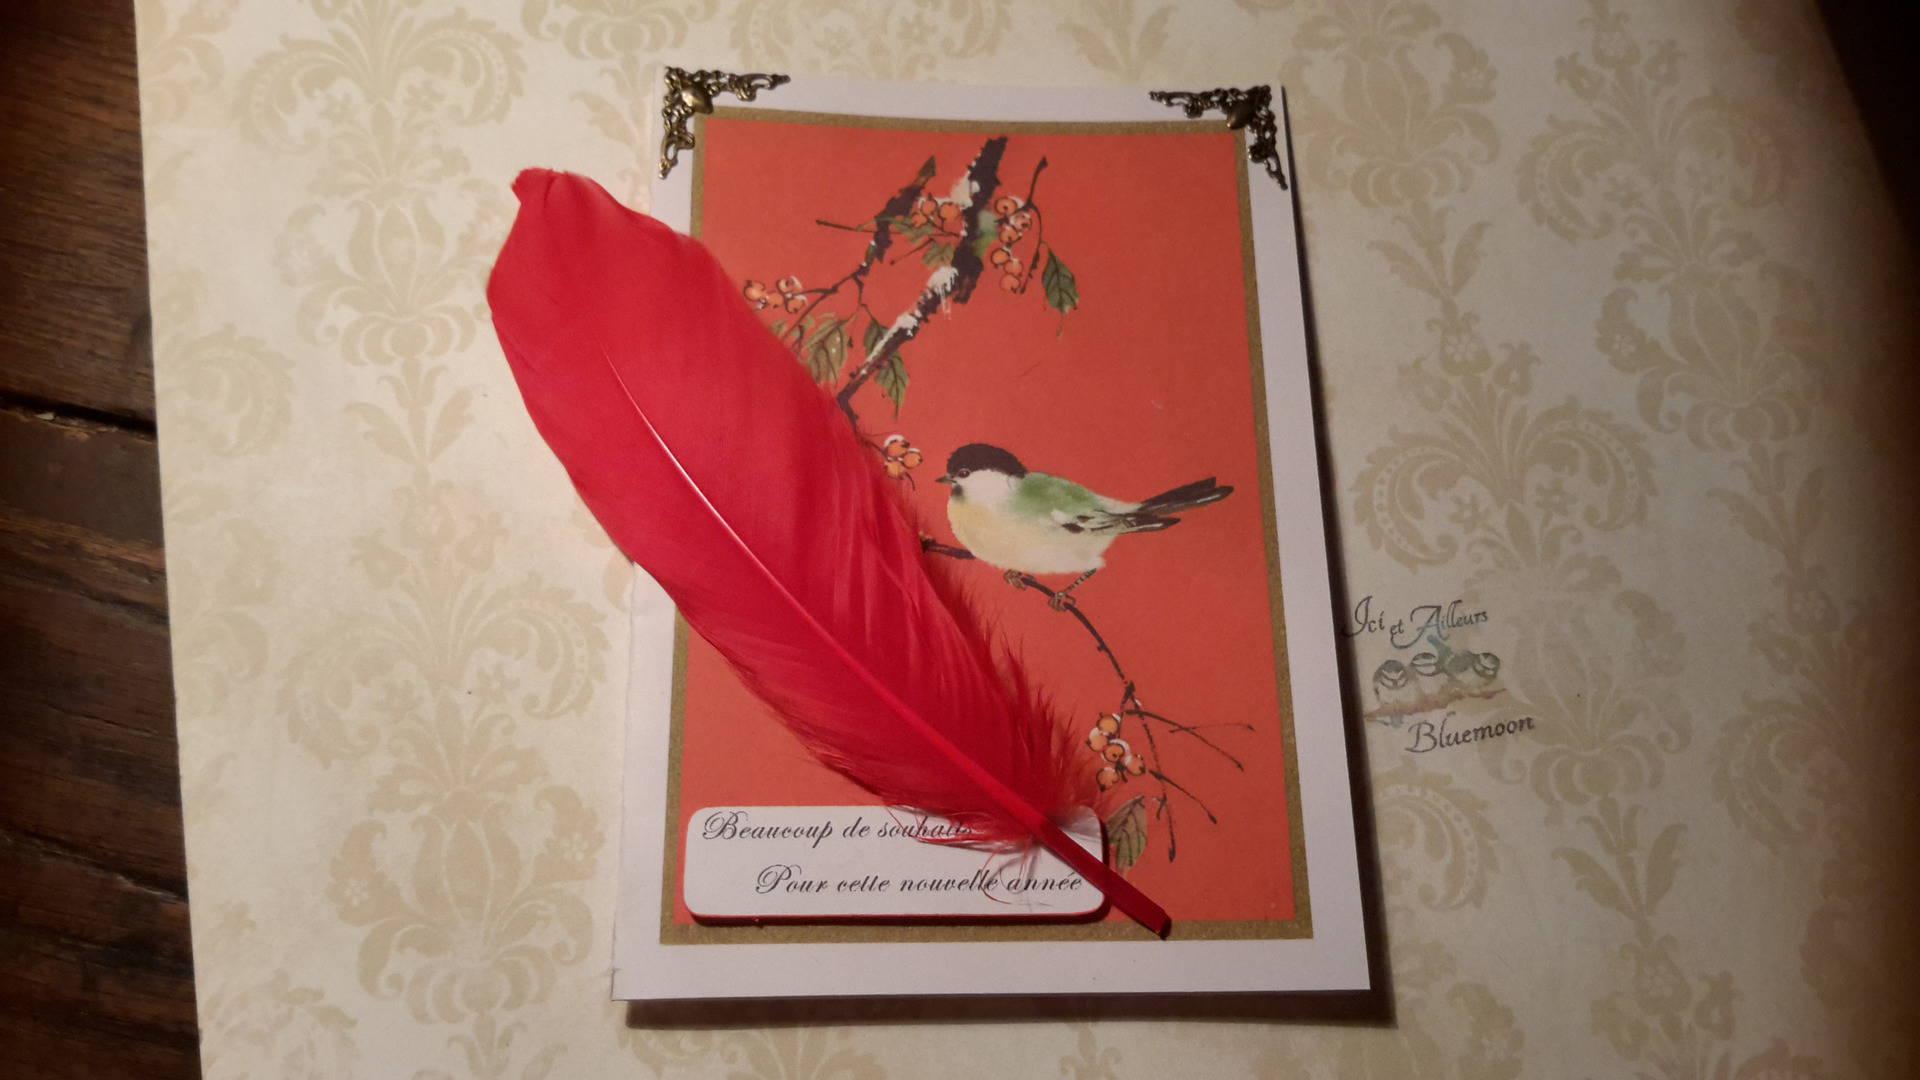 Carte double personnalisable  rectangulaire  250g et enveloppe, dessin oiseau sur branche et baies givrés. Estampes.  3D